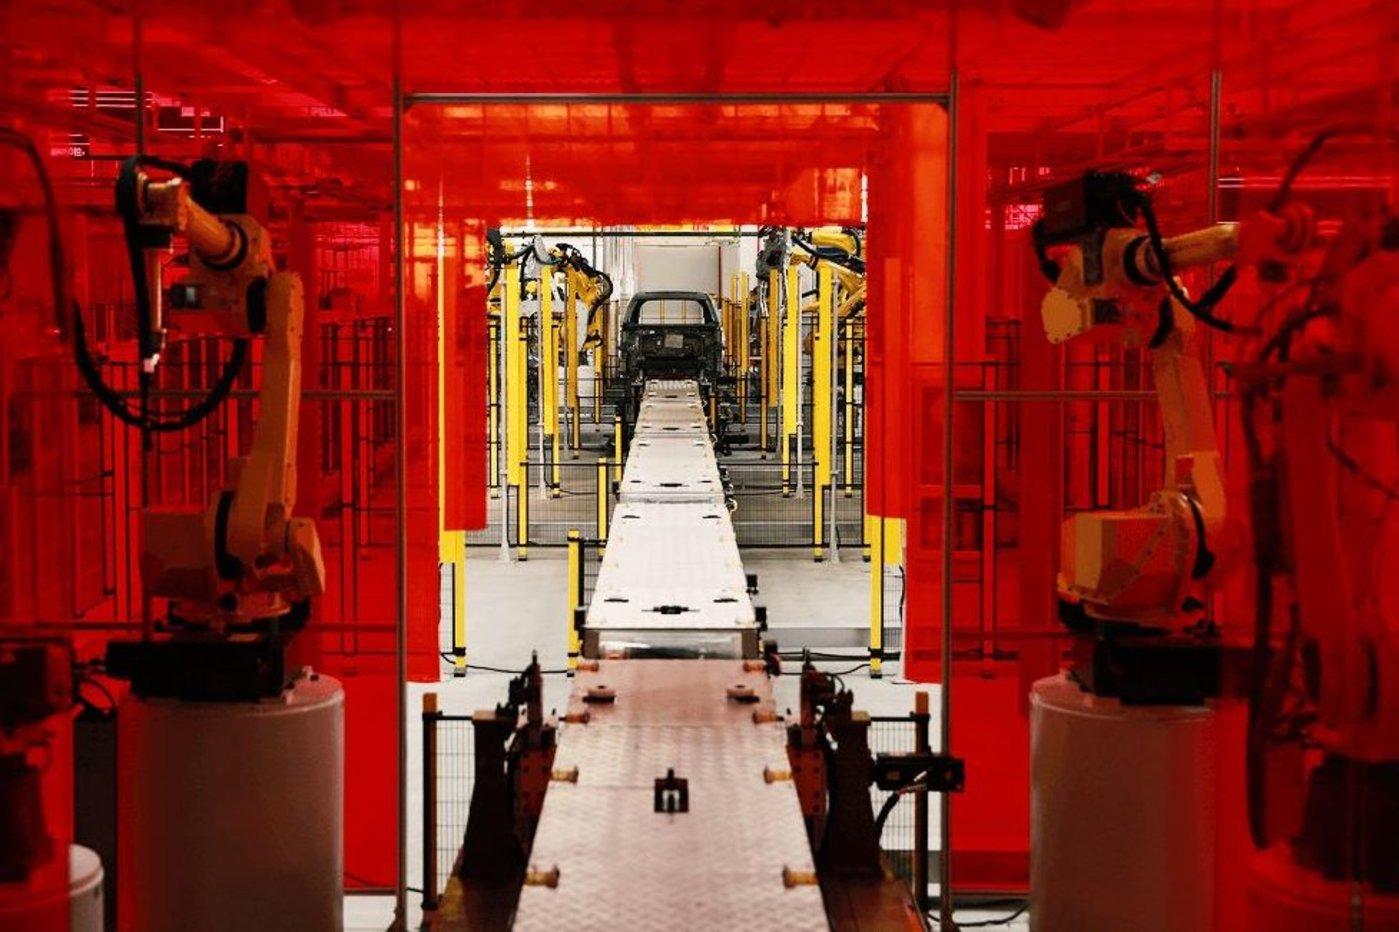 自动化二氧化碳保护焊系统,负责整车72处二氧化碳保护焊的焊接工作。该系统采用的是业内最具里程碑意义的TS系列全数化焊机。它能够快速对焊接过程的变化做出相应的反馈和调整,达到了前所未有的精确性